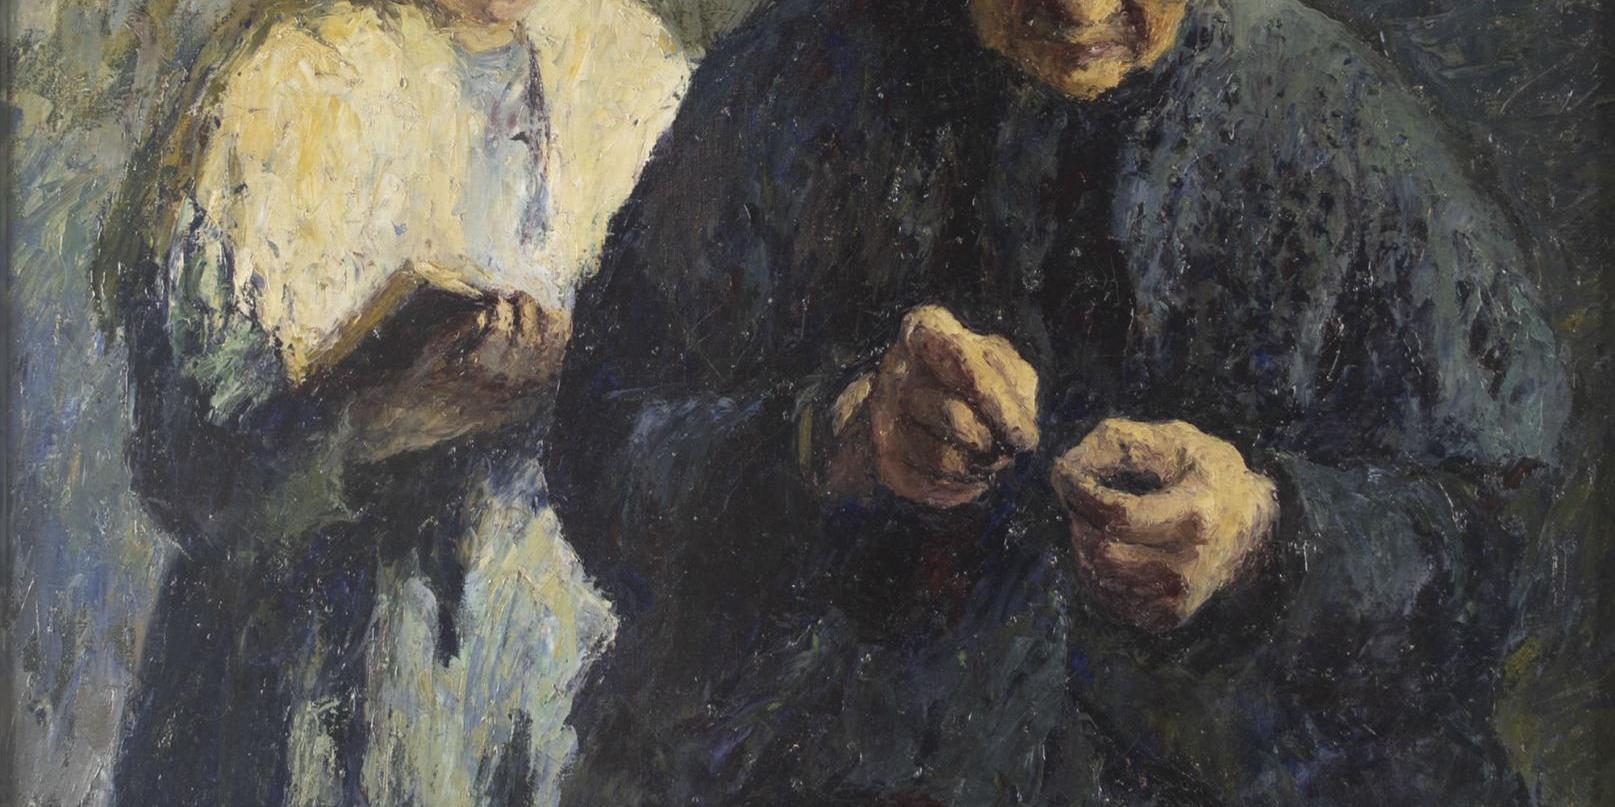 Peintres Ecole De Rouen marcel couchaux (1877-1939), peinture normande - réseau des